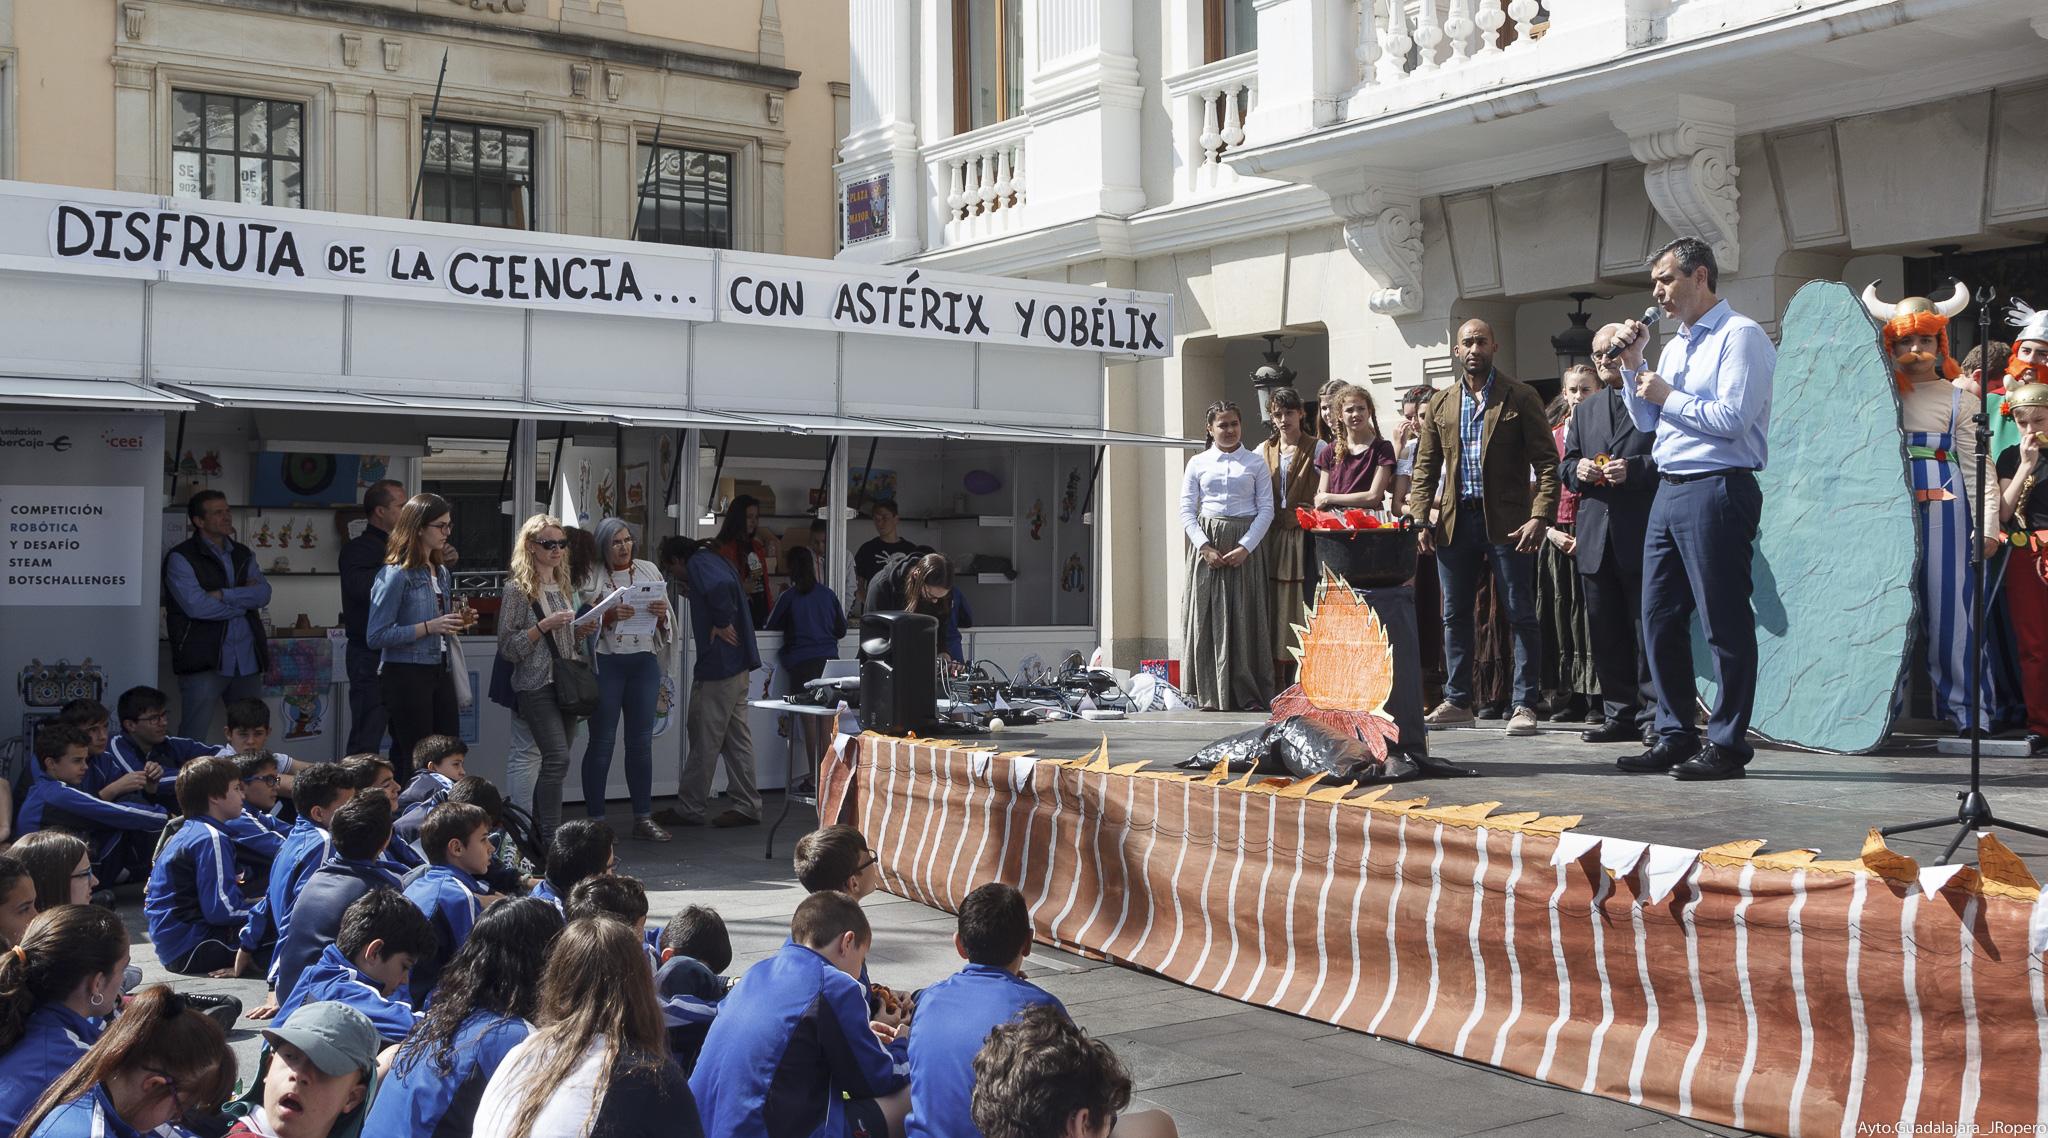 Arranca la II Feria de la Ciencia y Tecnología Interescolar en la Plaza Mayor